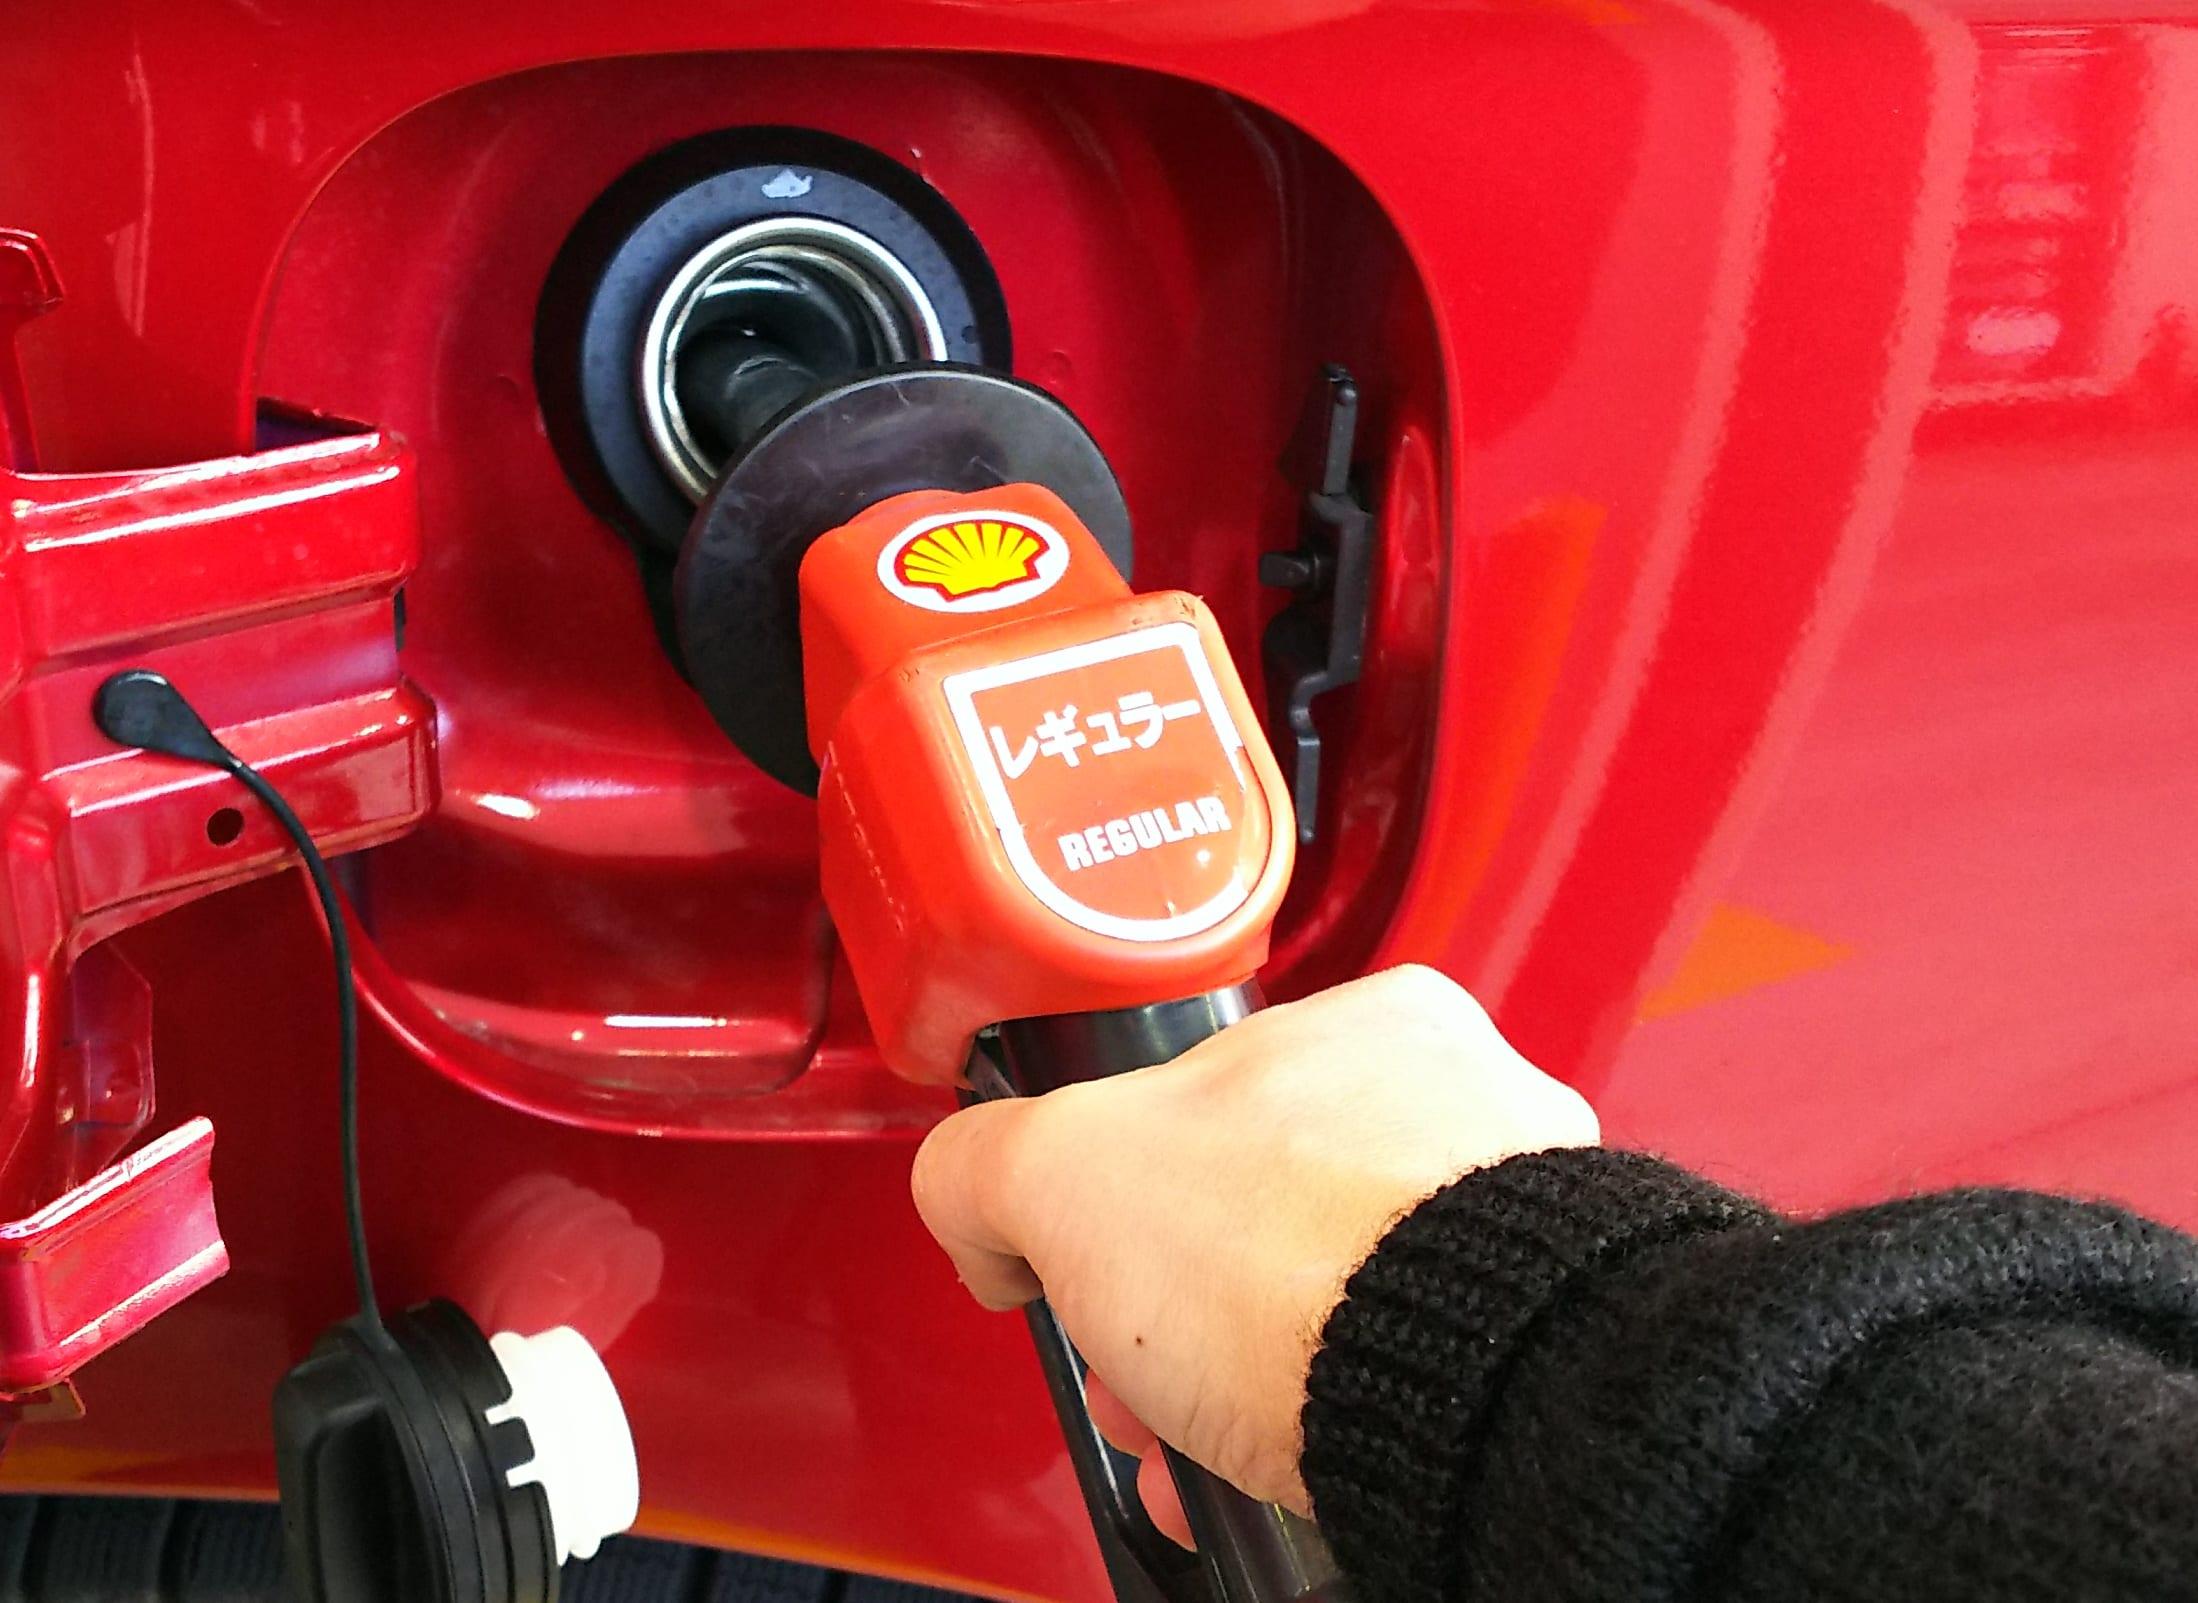 「有鉛ガソリン車」に無鉛ガソリンを入れても走れるの?